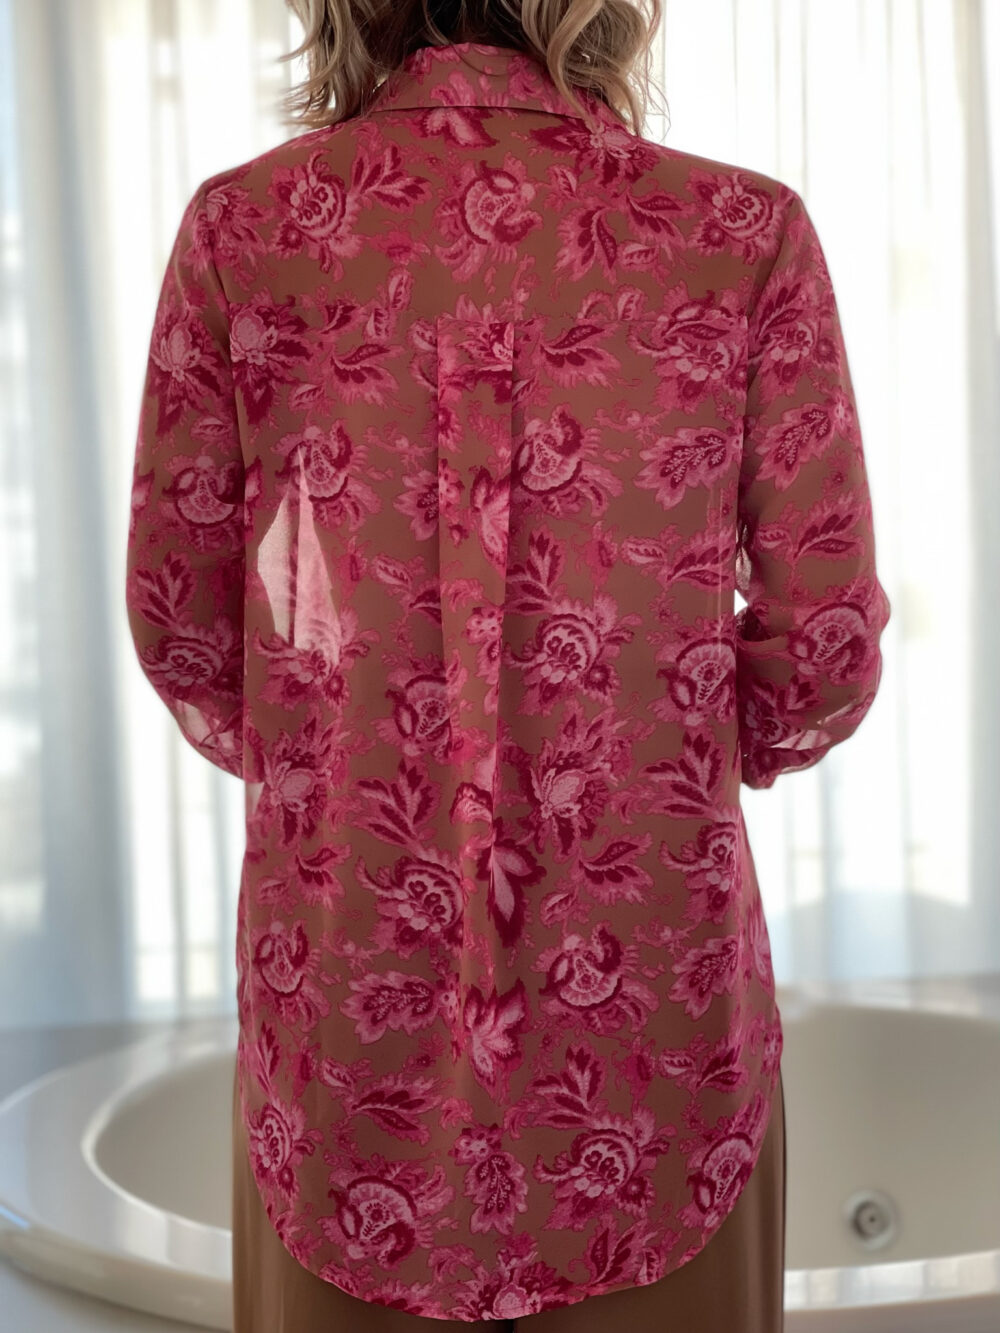 πουκαμισο ημιδιαφανο στο χρωμα του δερματος φλοραλ ροζ με μακρυ μανικι με μανσετα κι γιακα